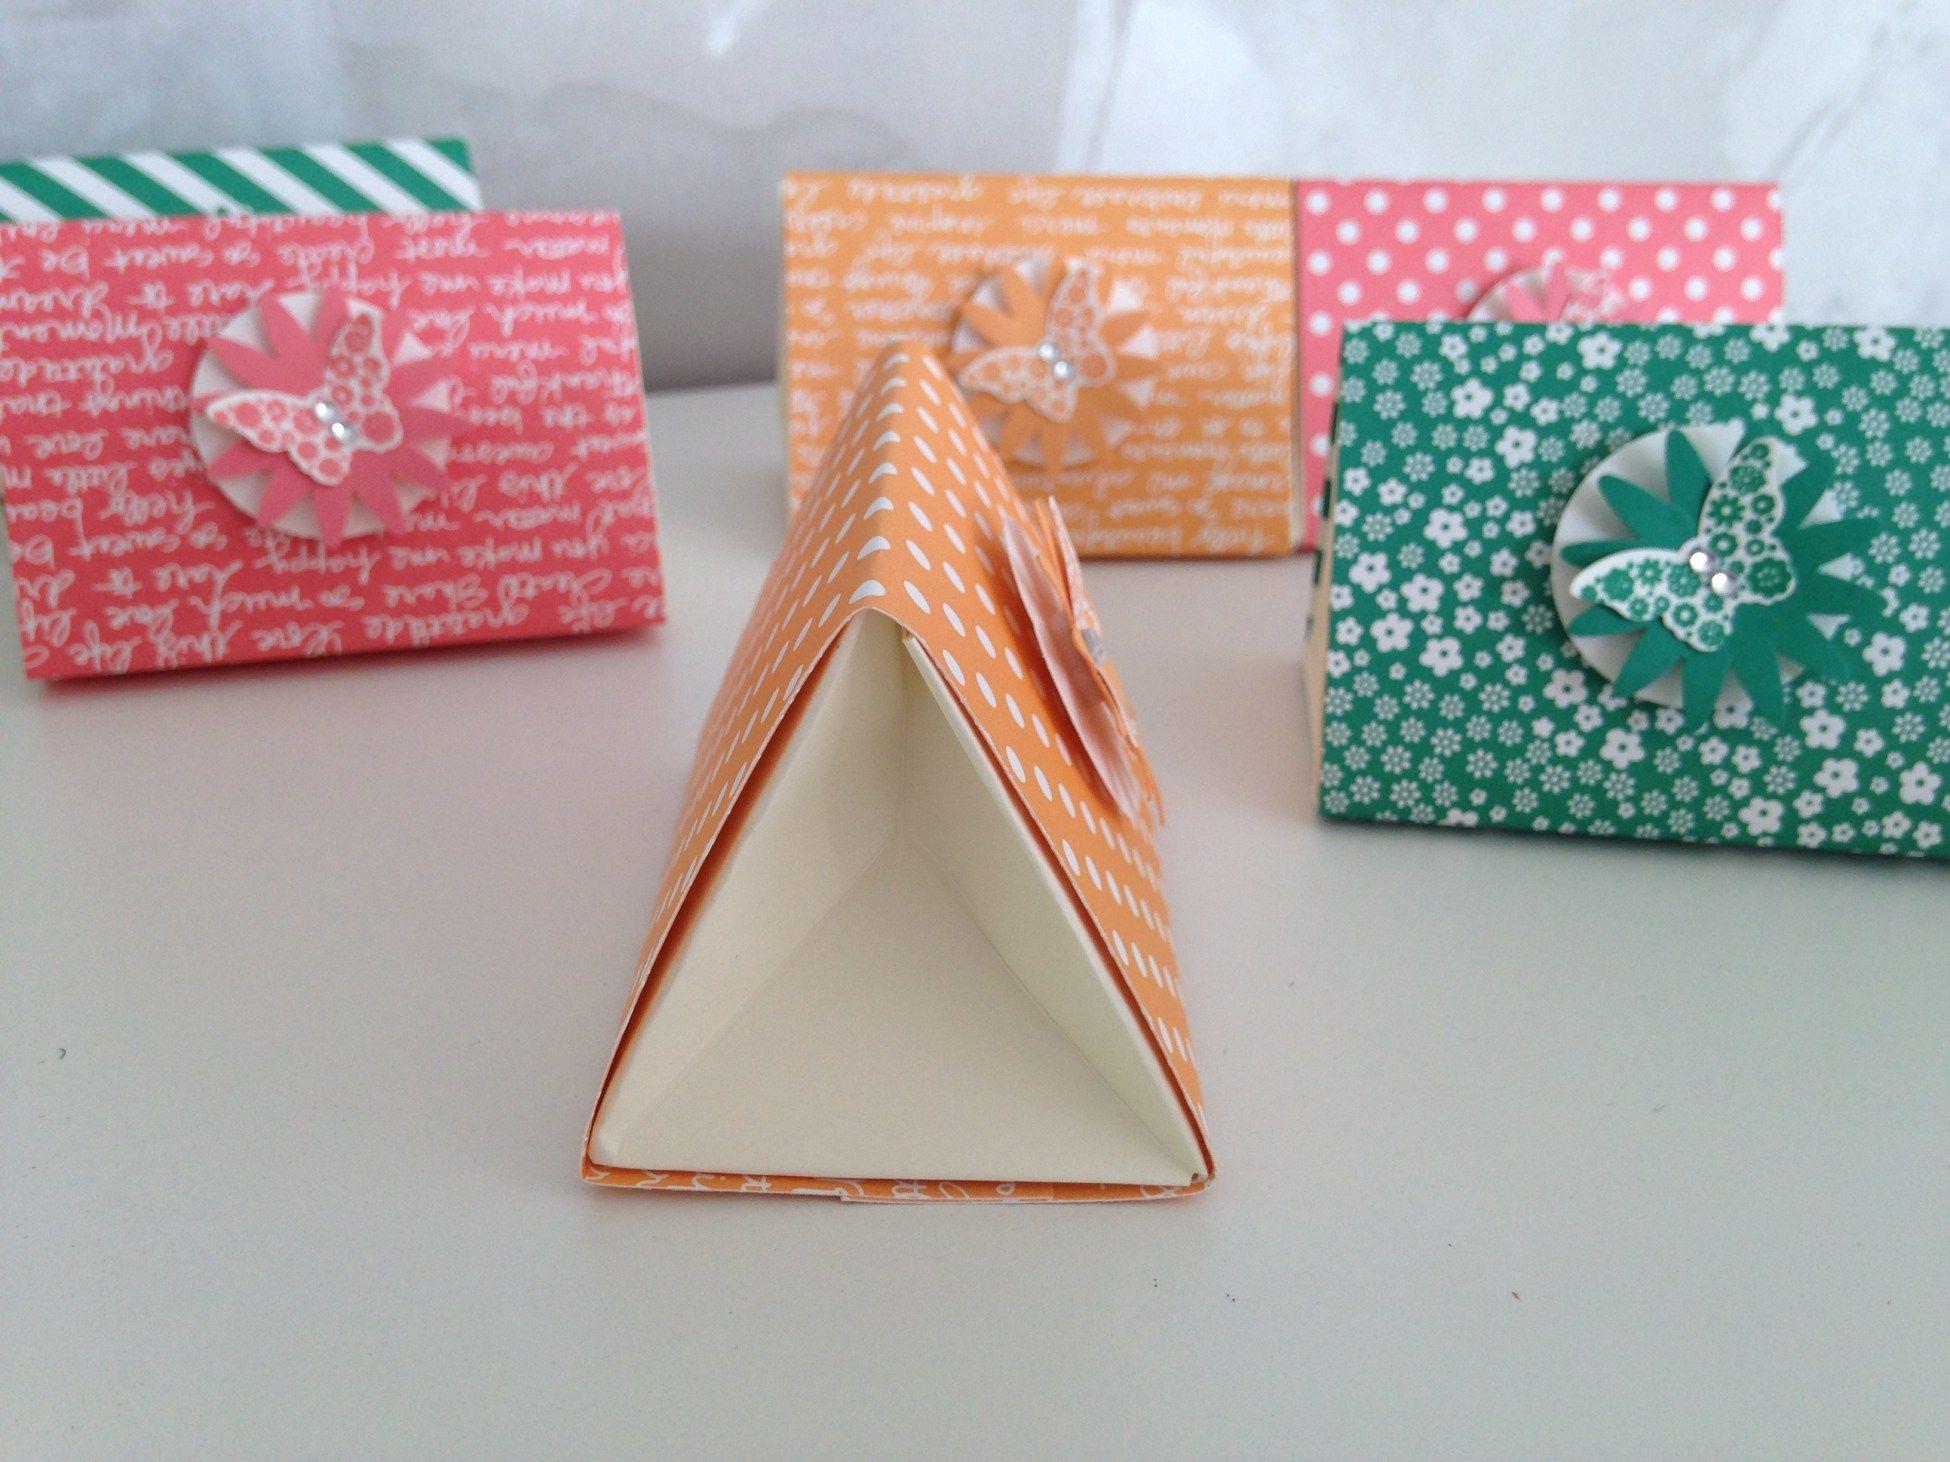 Petit Cadeau Et Son Tuto En Images   Petits Cadeaux pour Et Un Cadeau Precieux